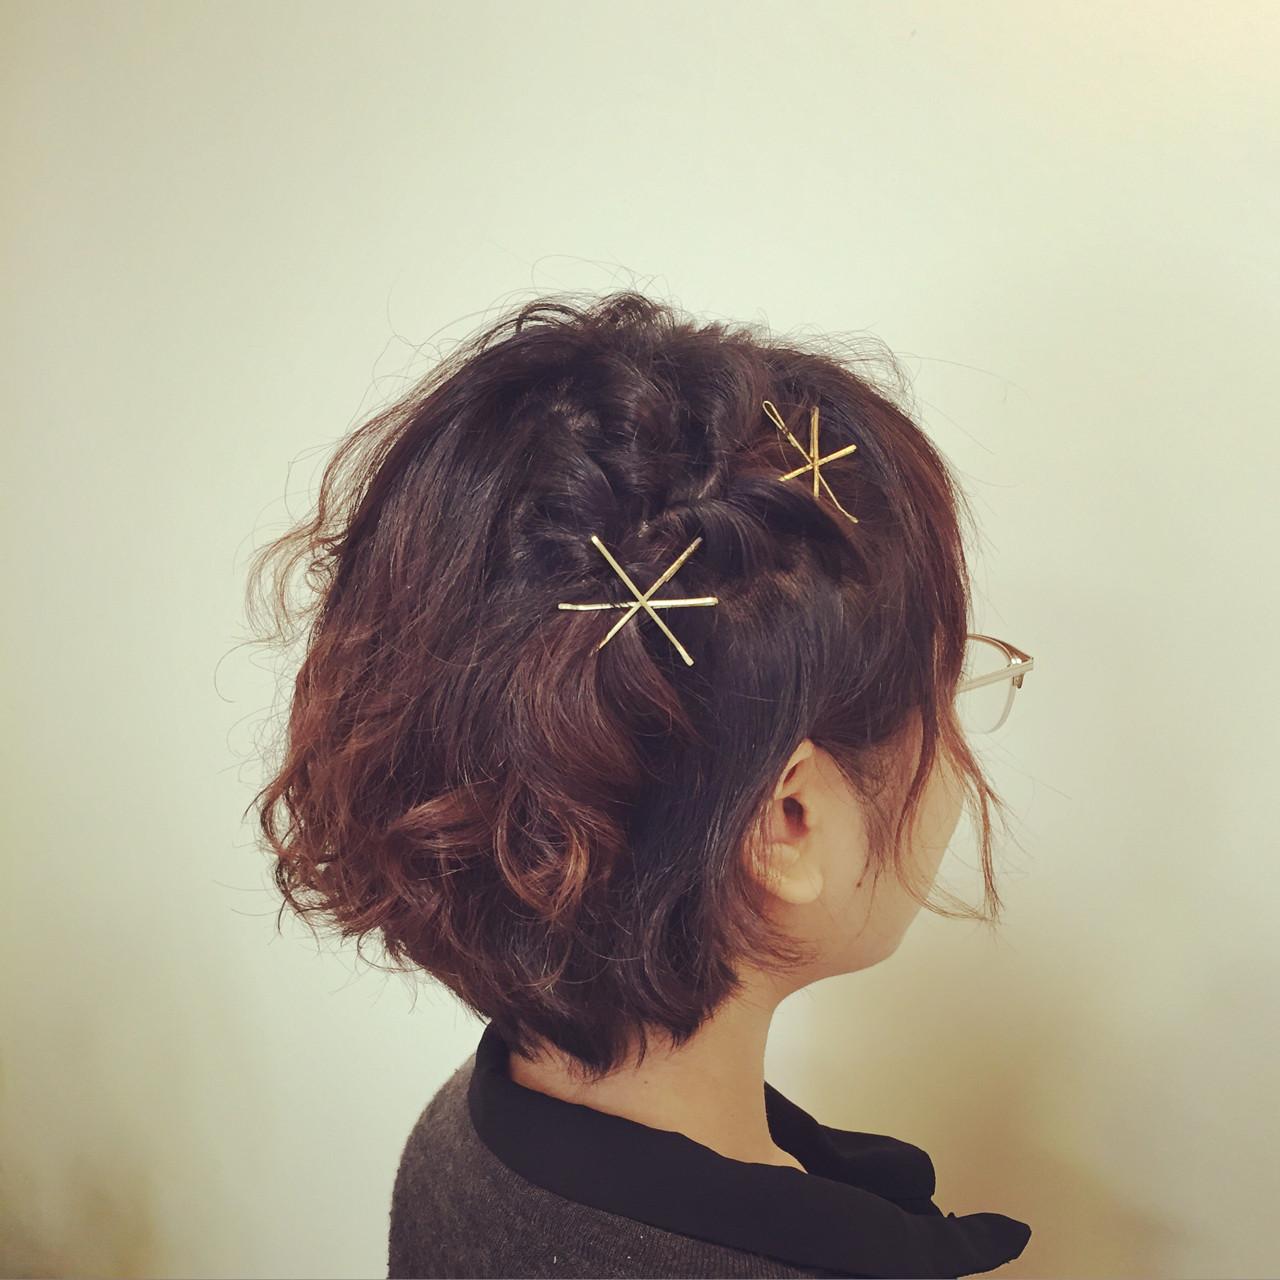 短くても可愛い髪型を楽しみたい!ショートヘアのアレンジ&セット法 いまむ